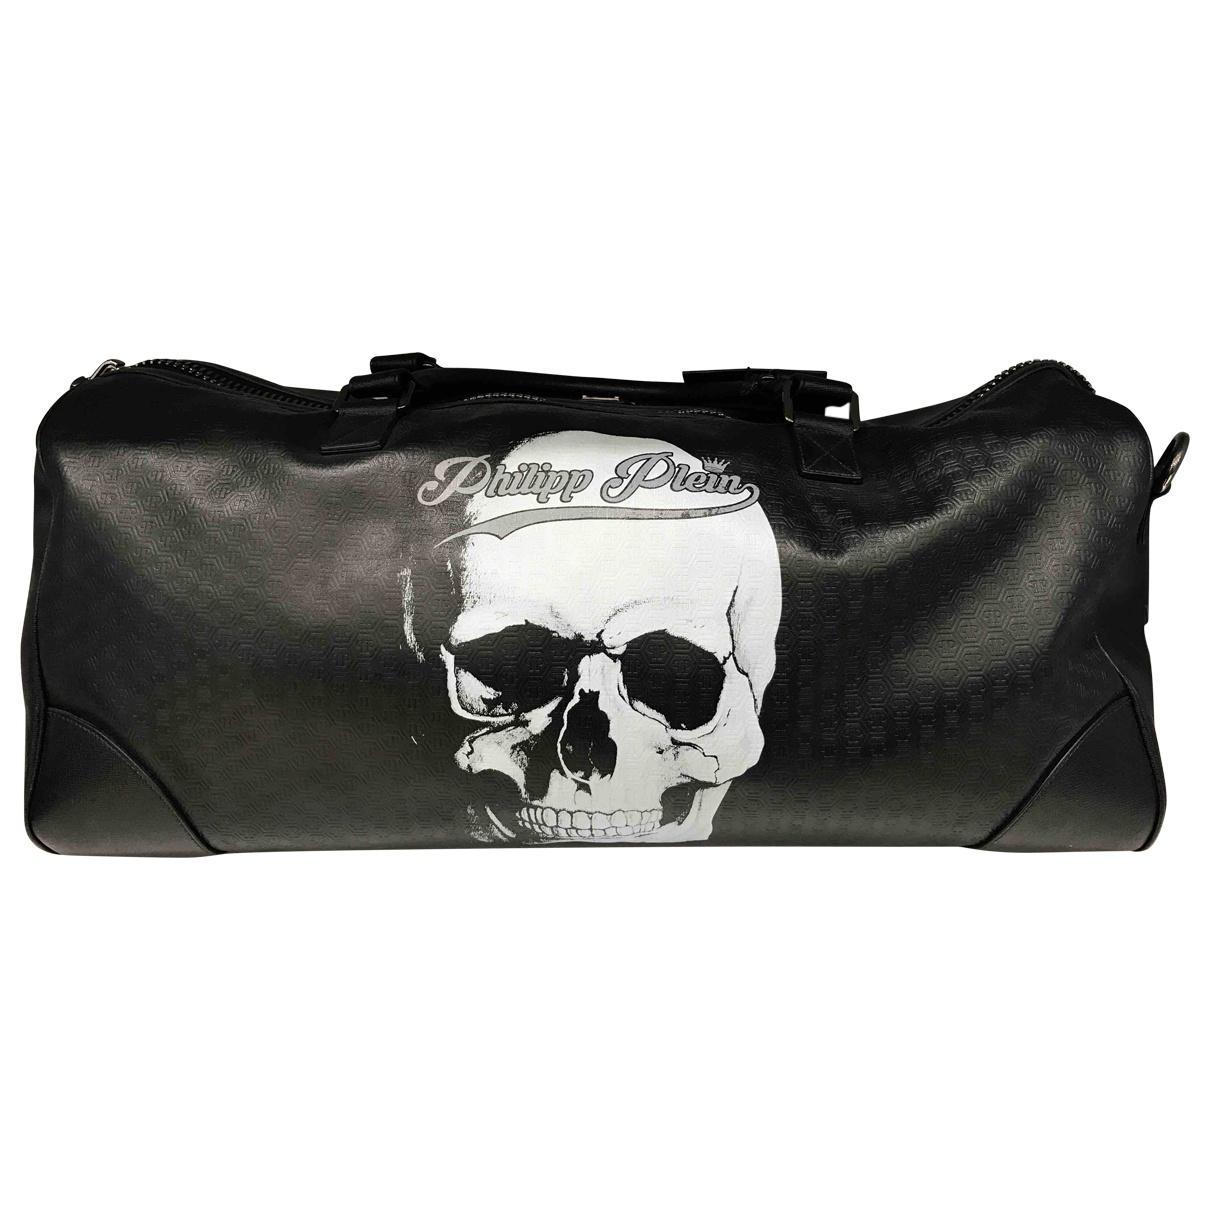 ff129db5da Philipp Plein Leather Travel Bag in Black for Men - Lyst